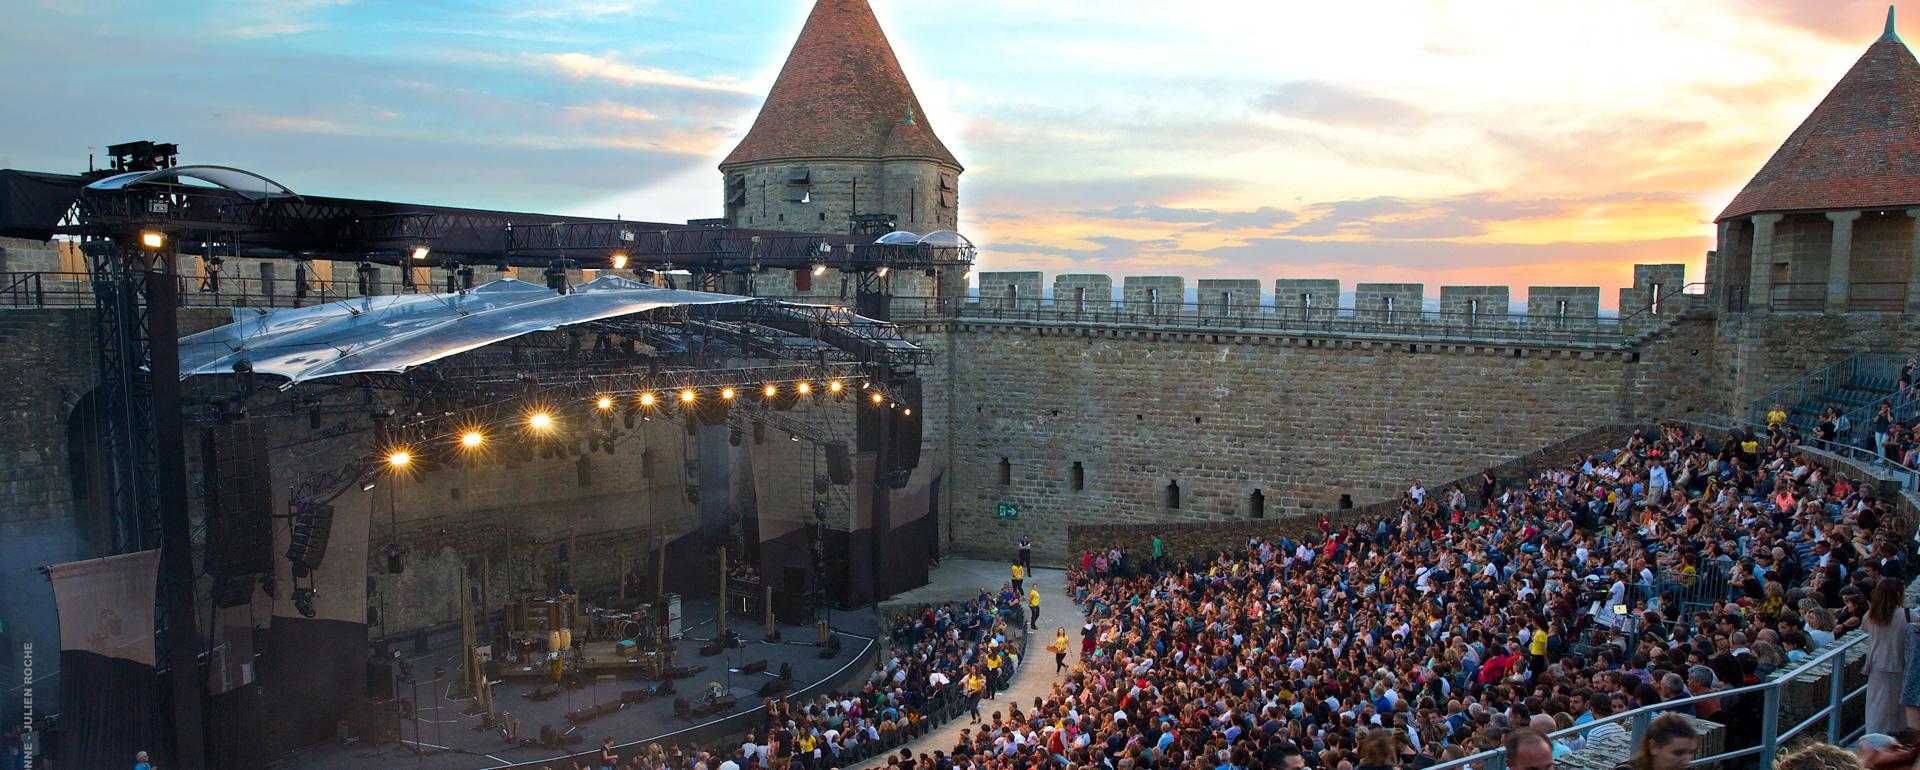 Festival de Carcassonne -Aude